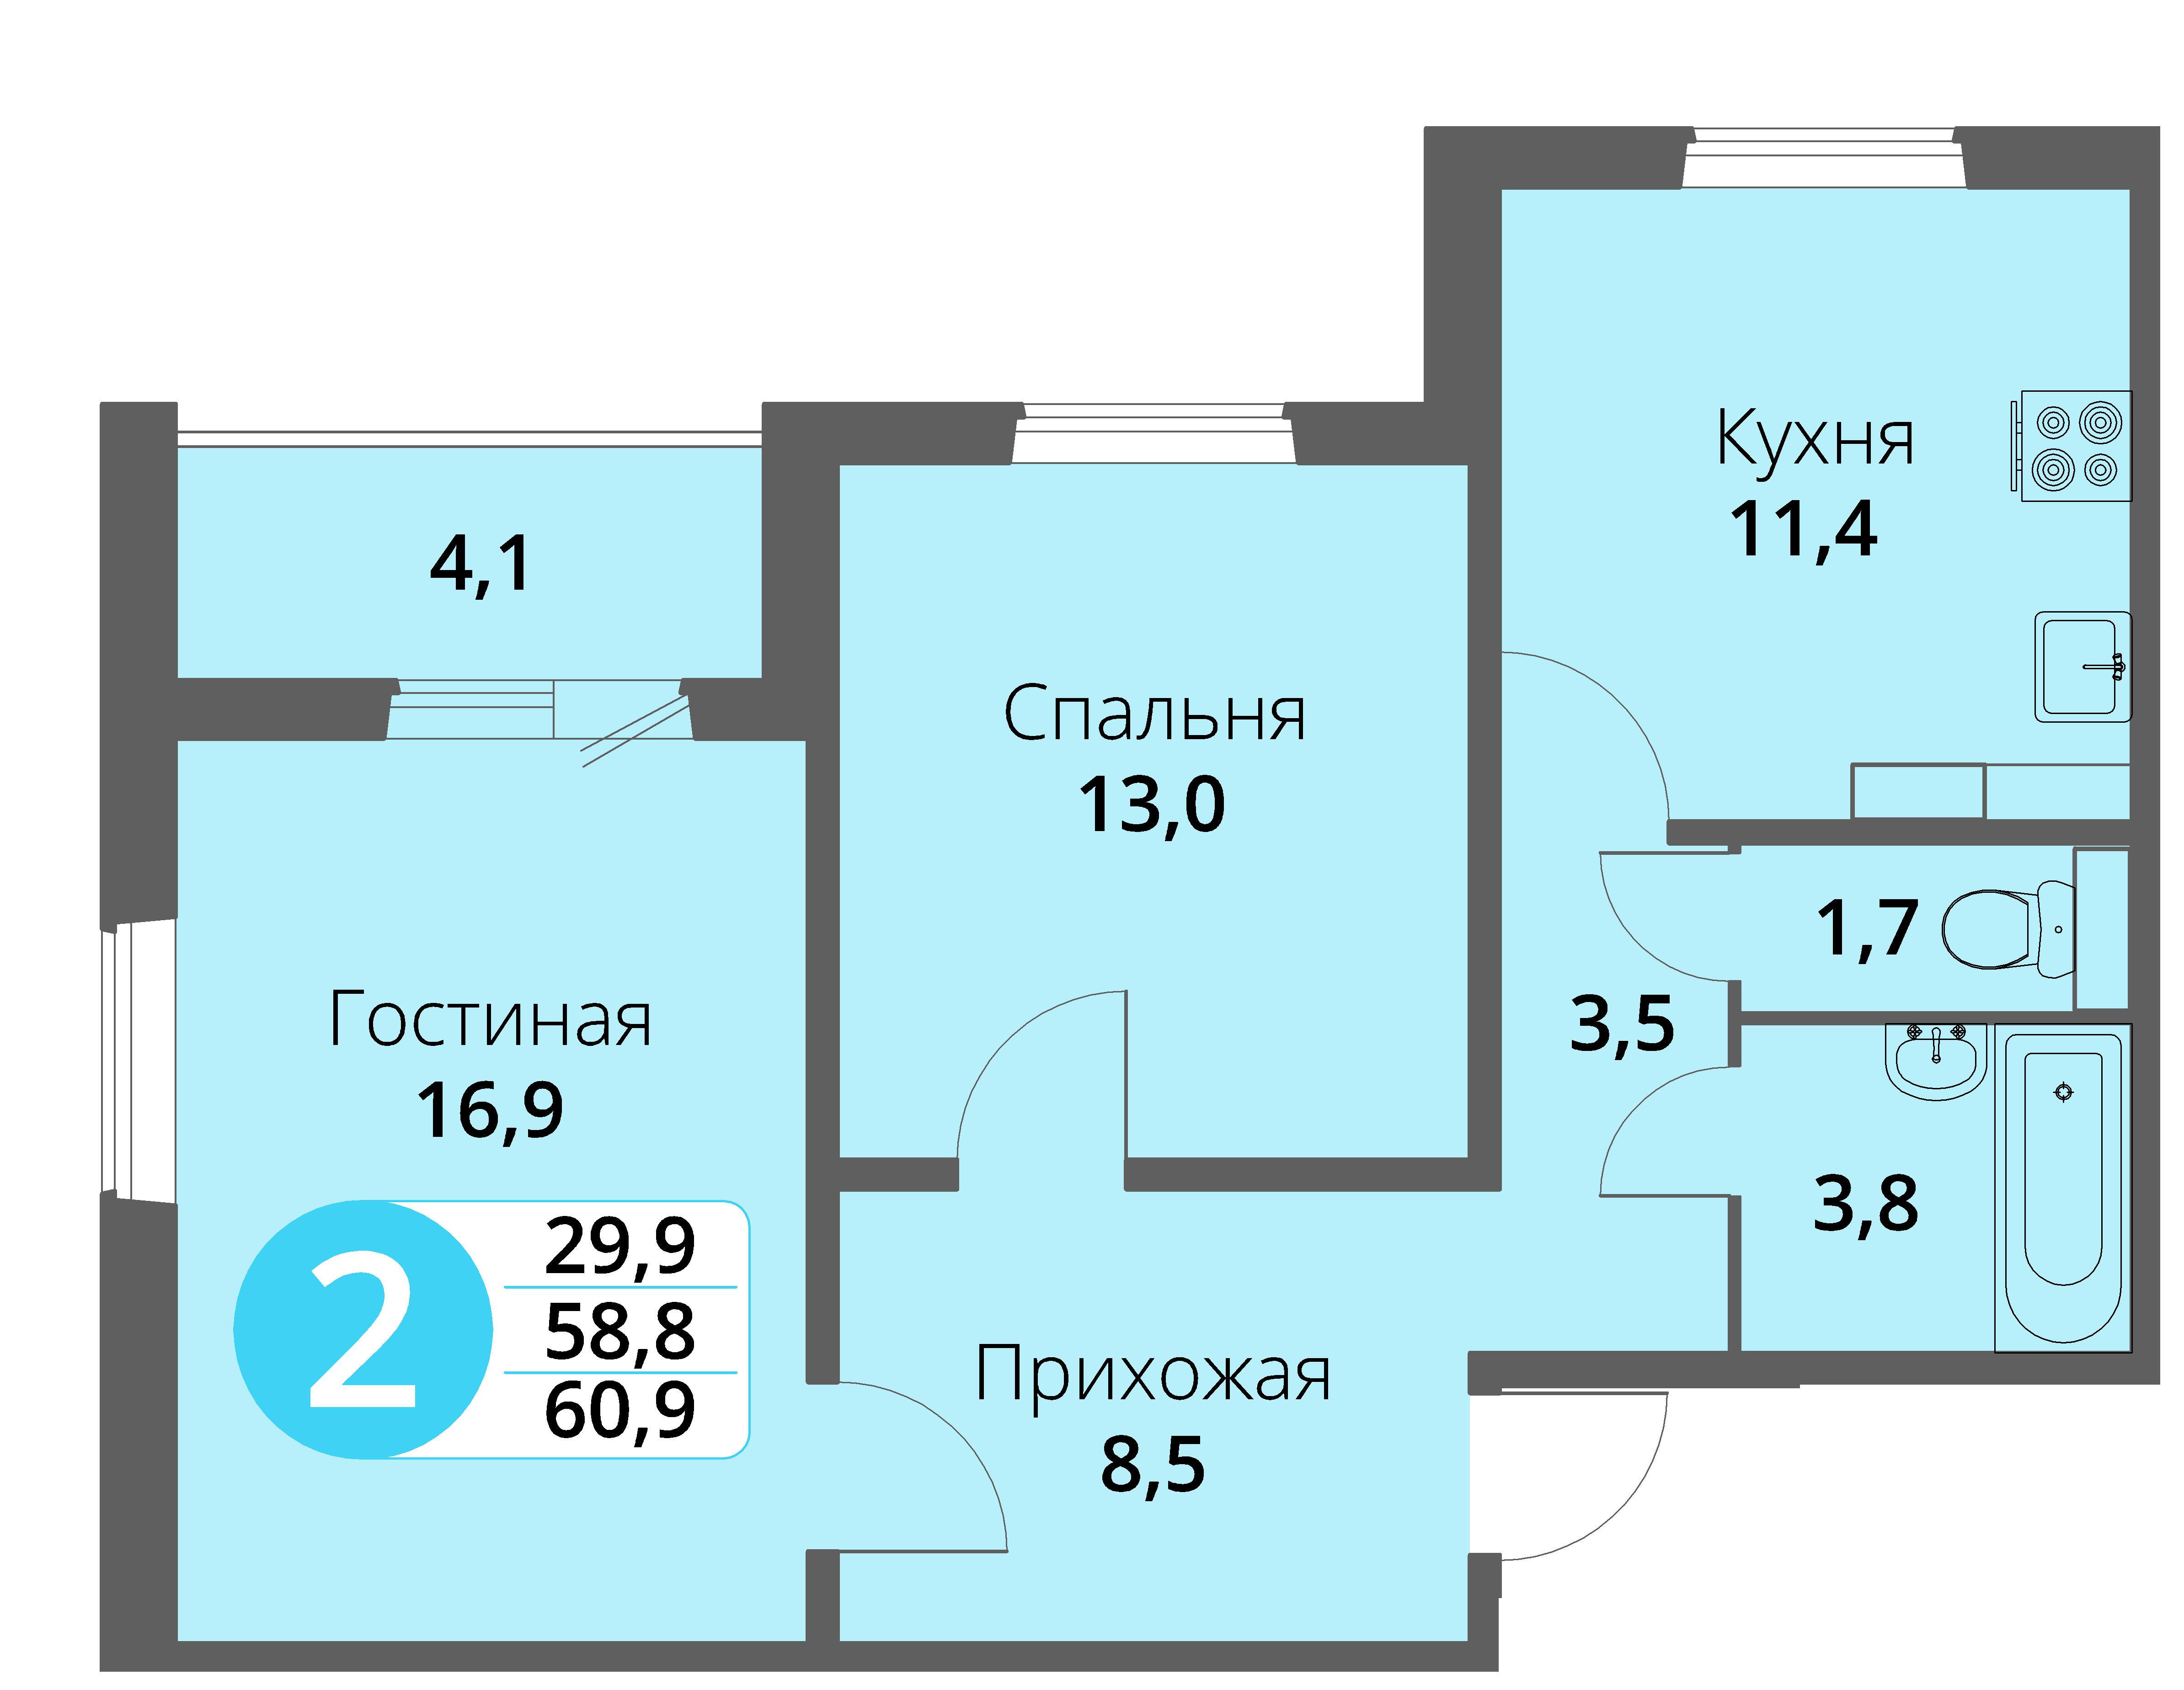 Зареченская 1-2, квартира 165 - Двухкомнатная